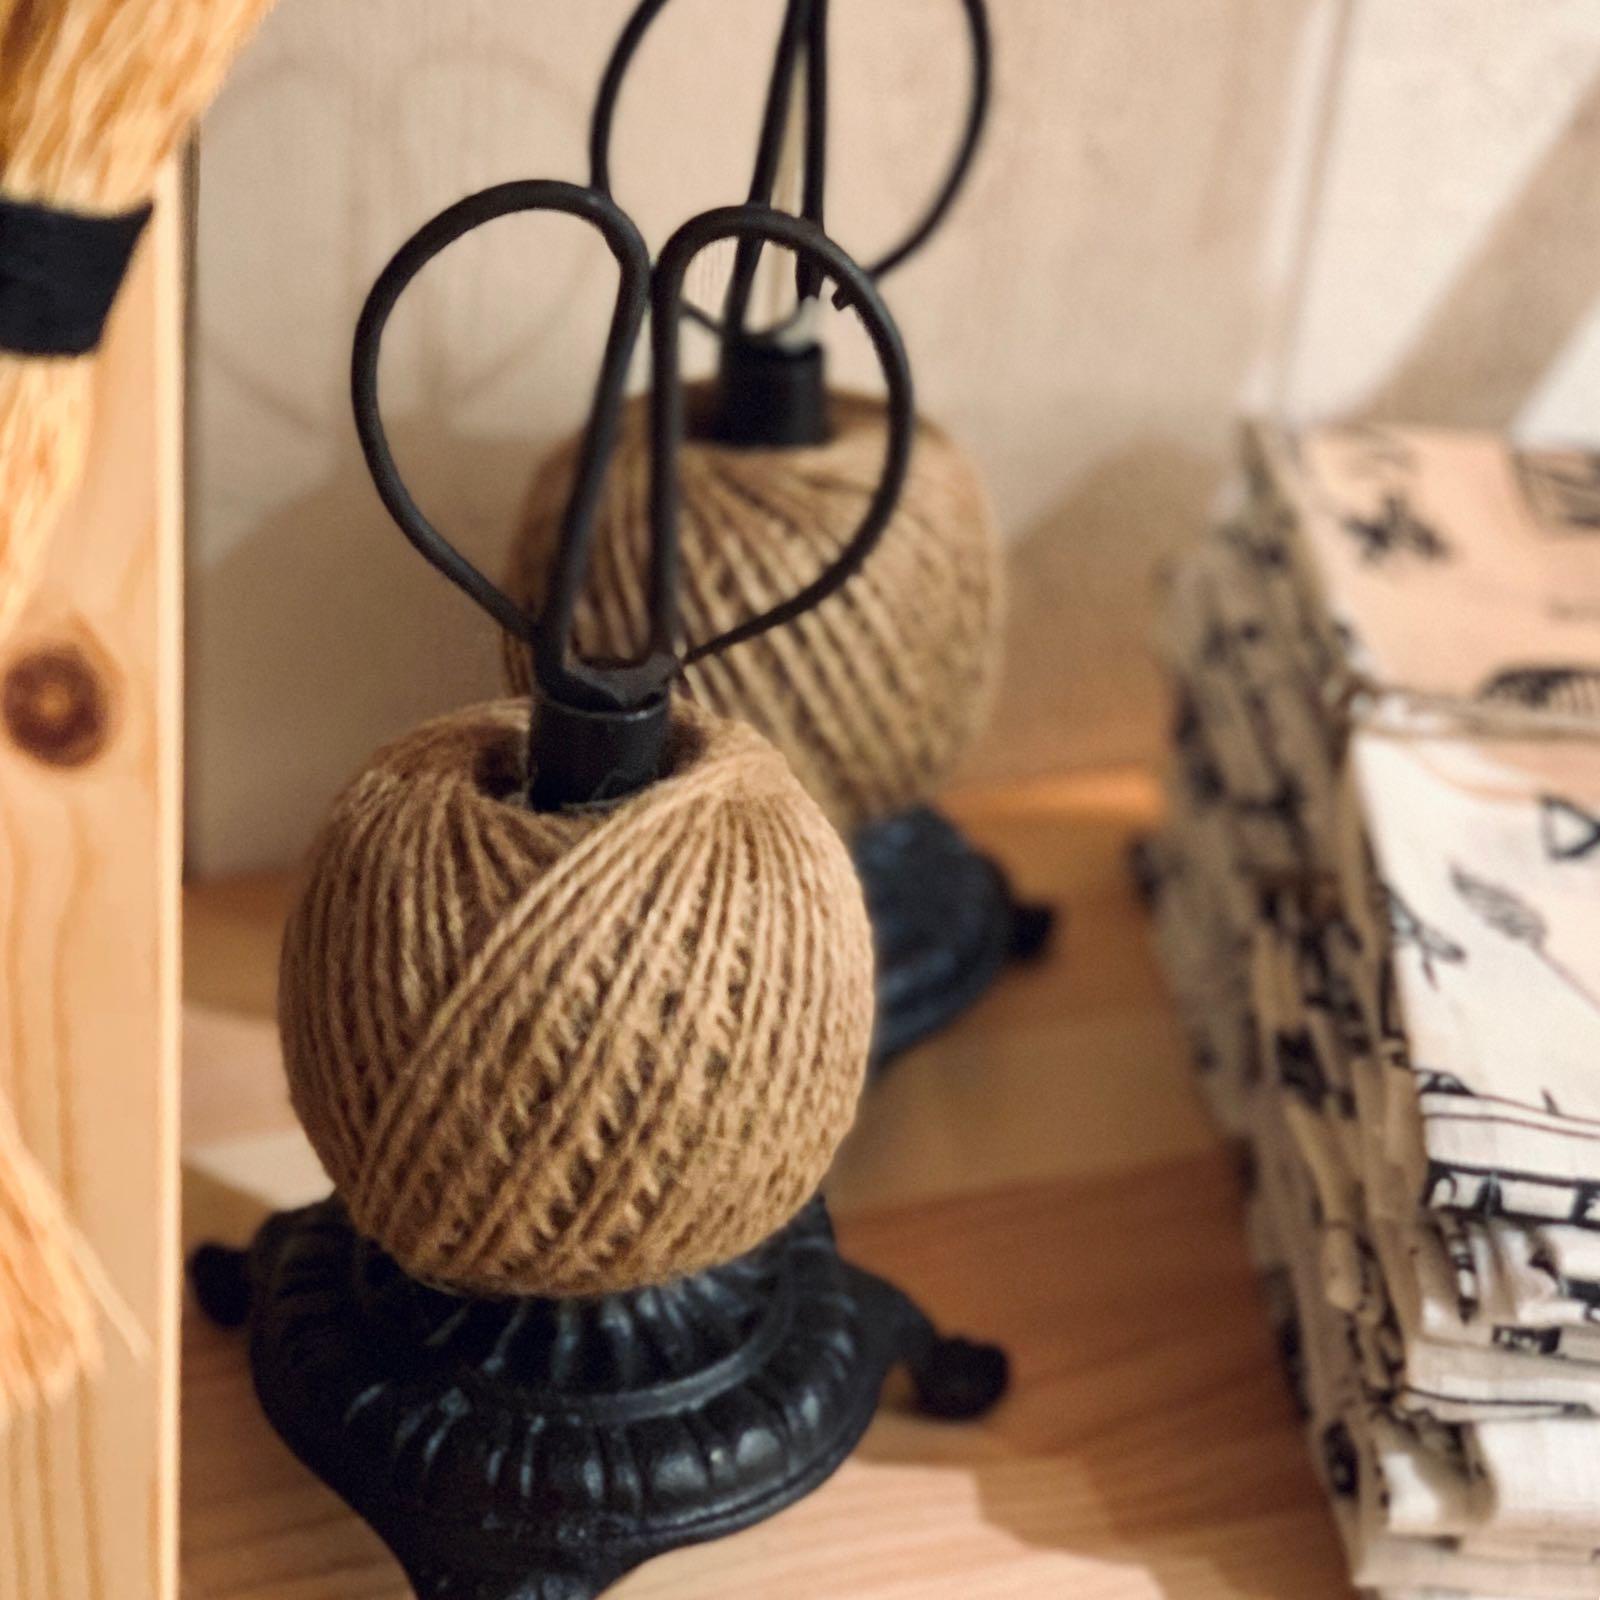 Trådhållare med sax